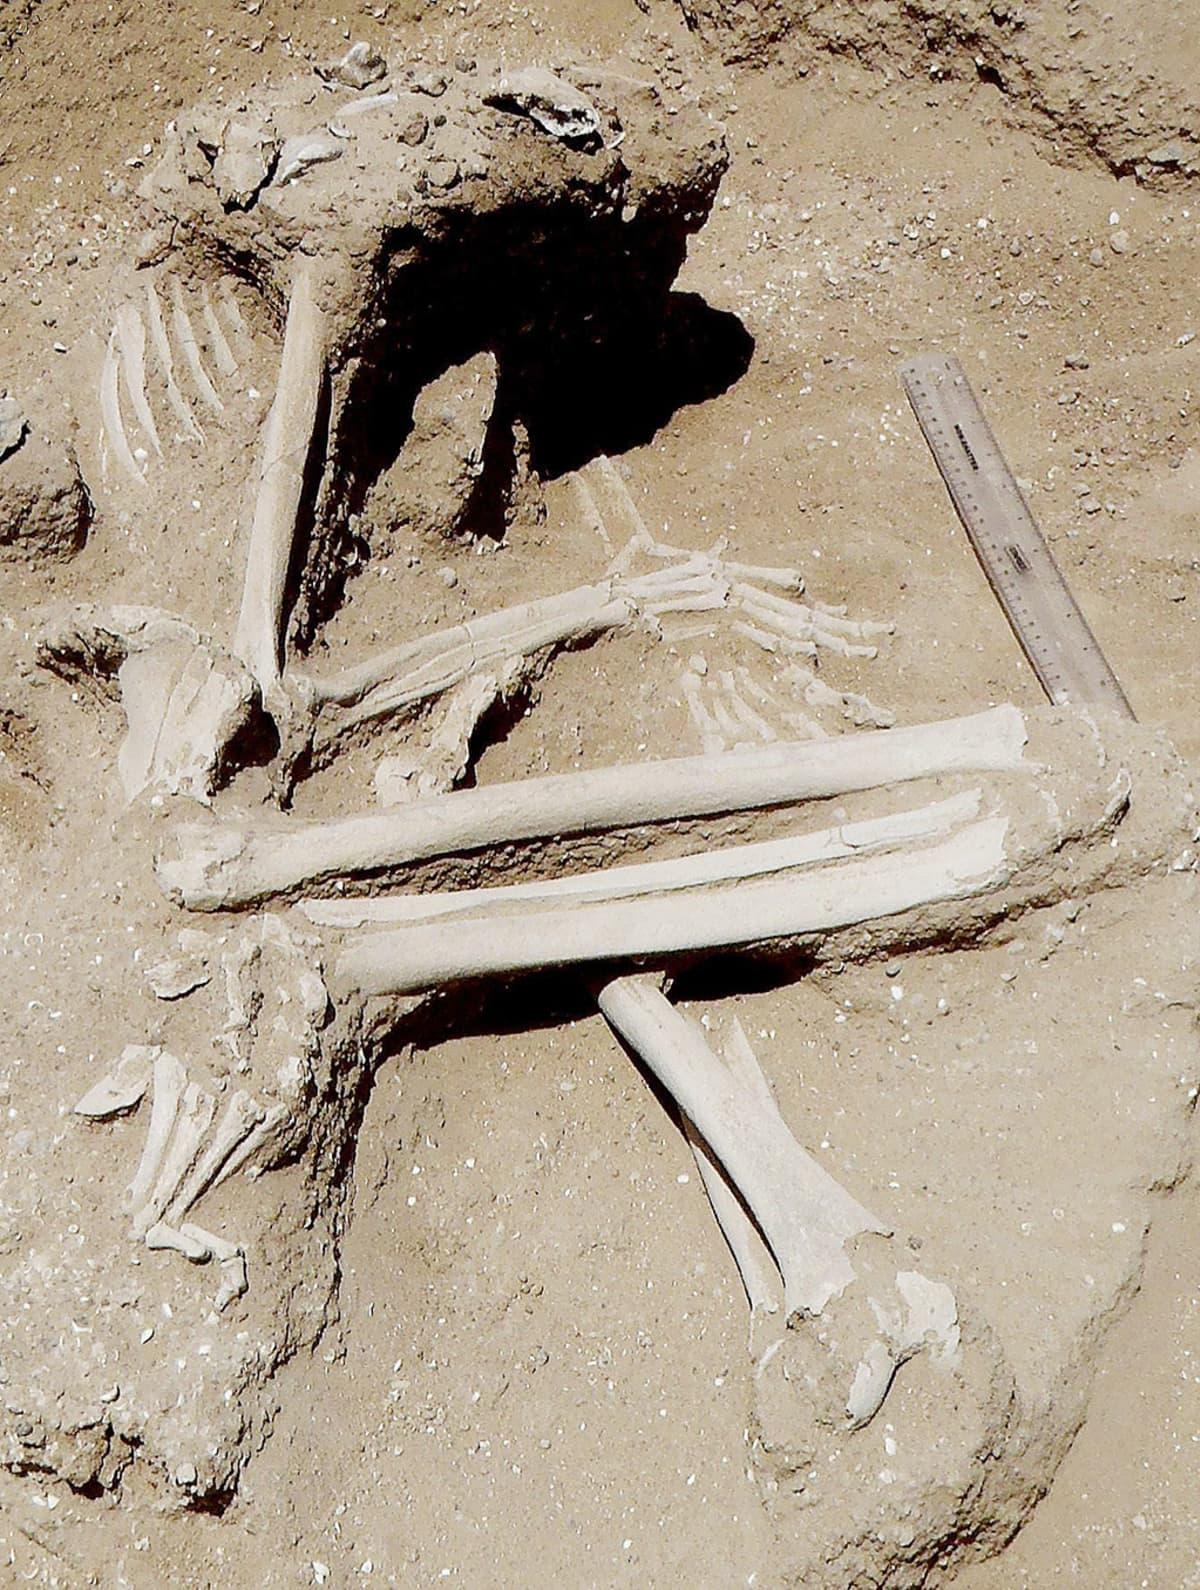 Kenian Turkanajärven läheisyydessä sijaitsevalta kaivaukselta löytyneitä luita.